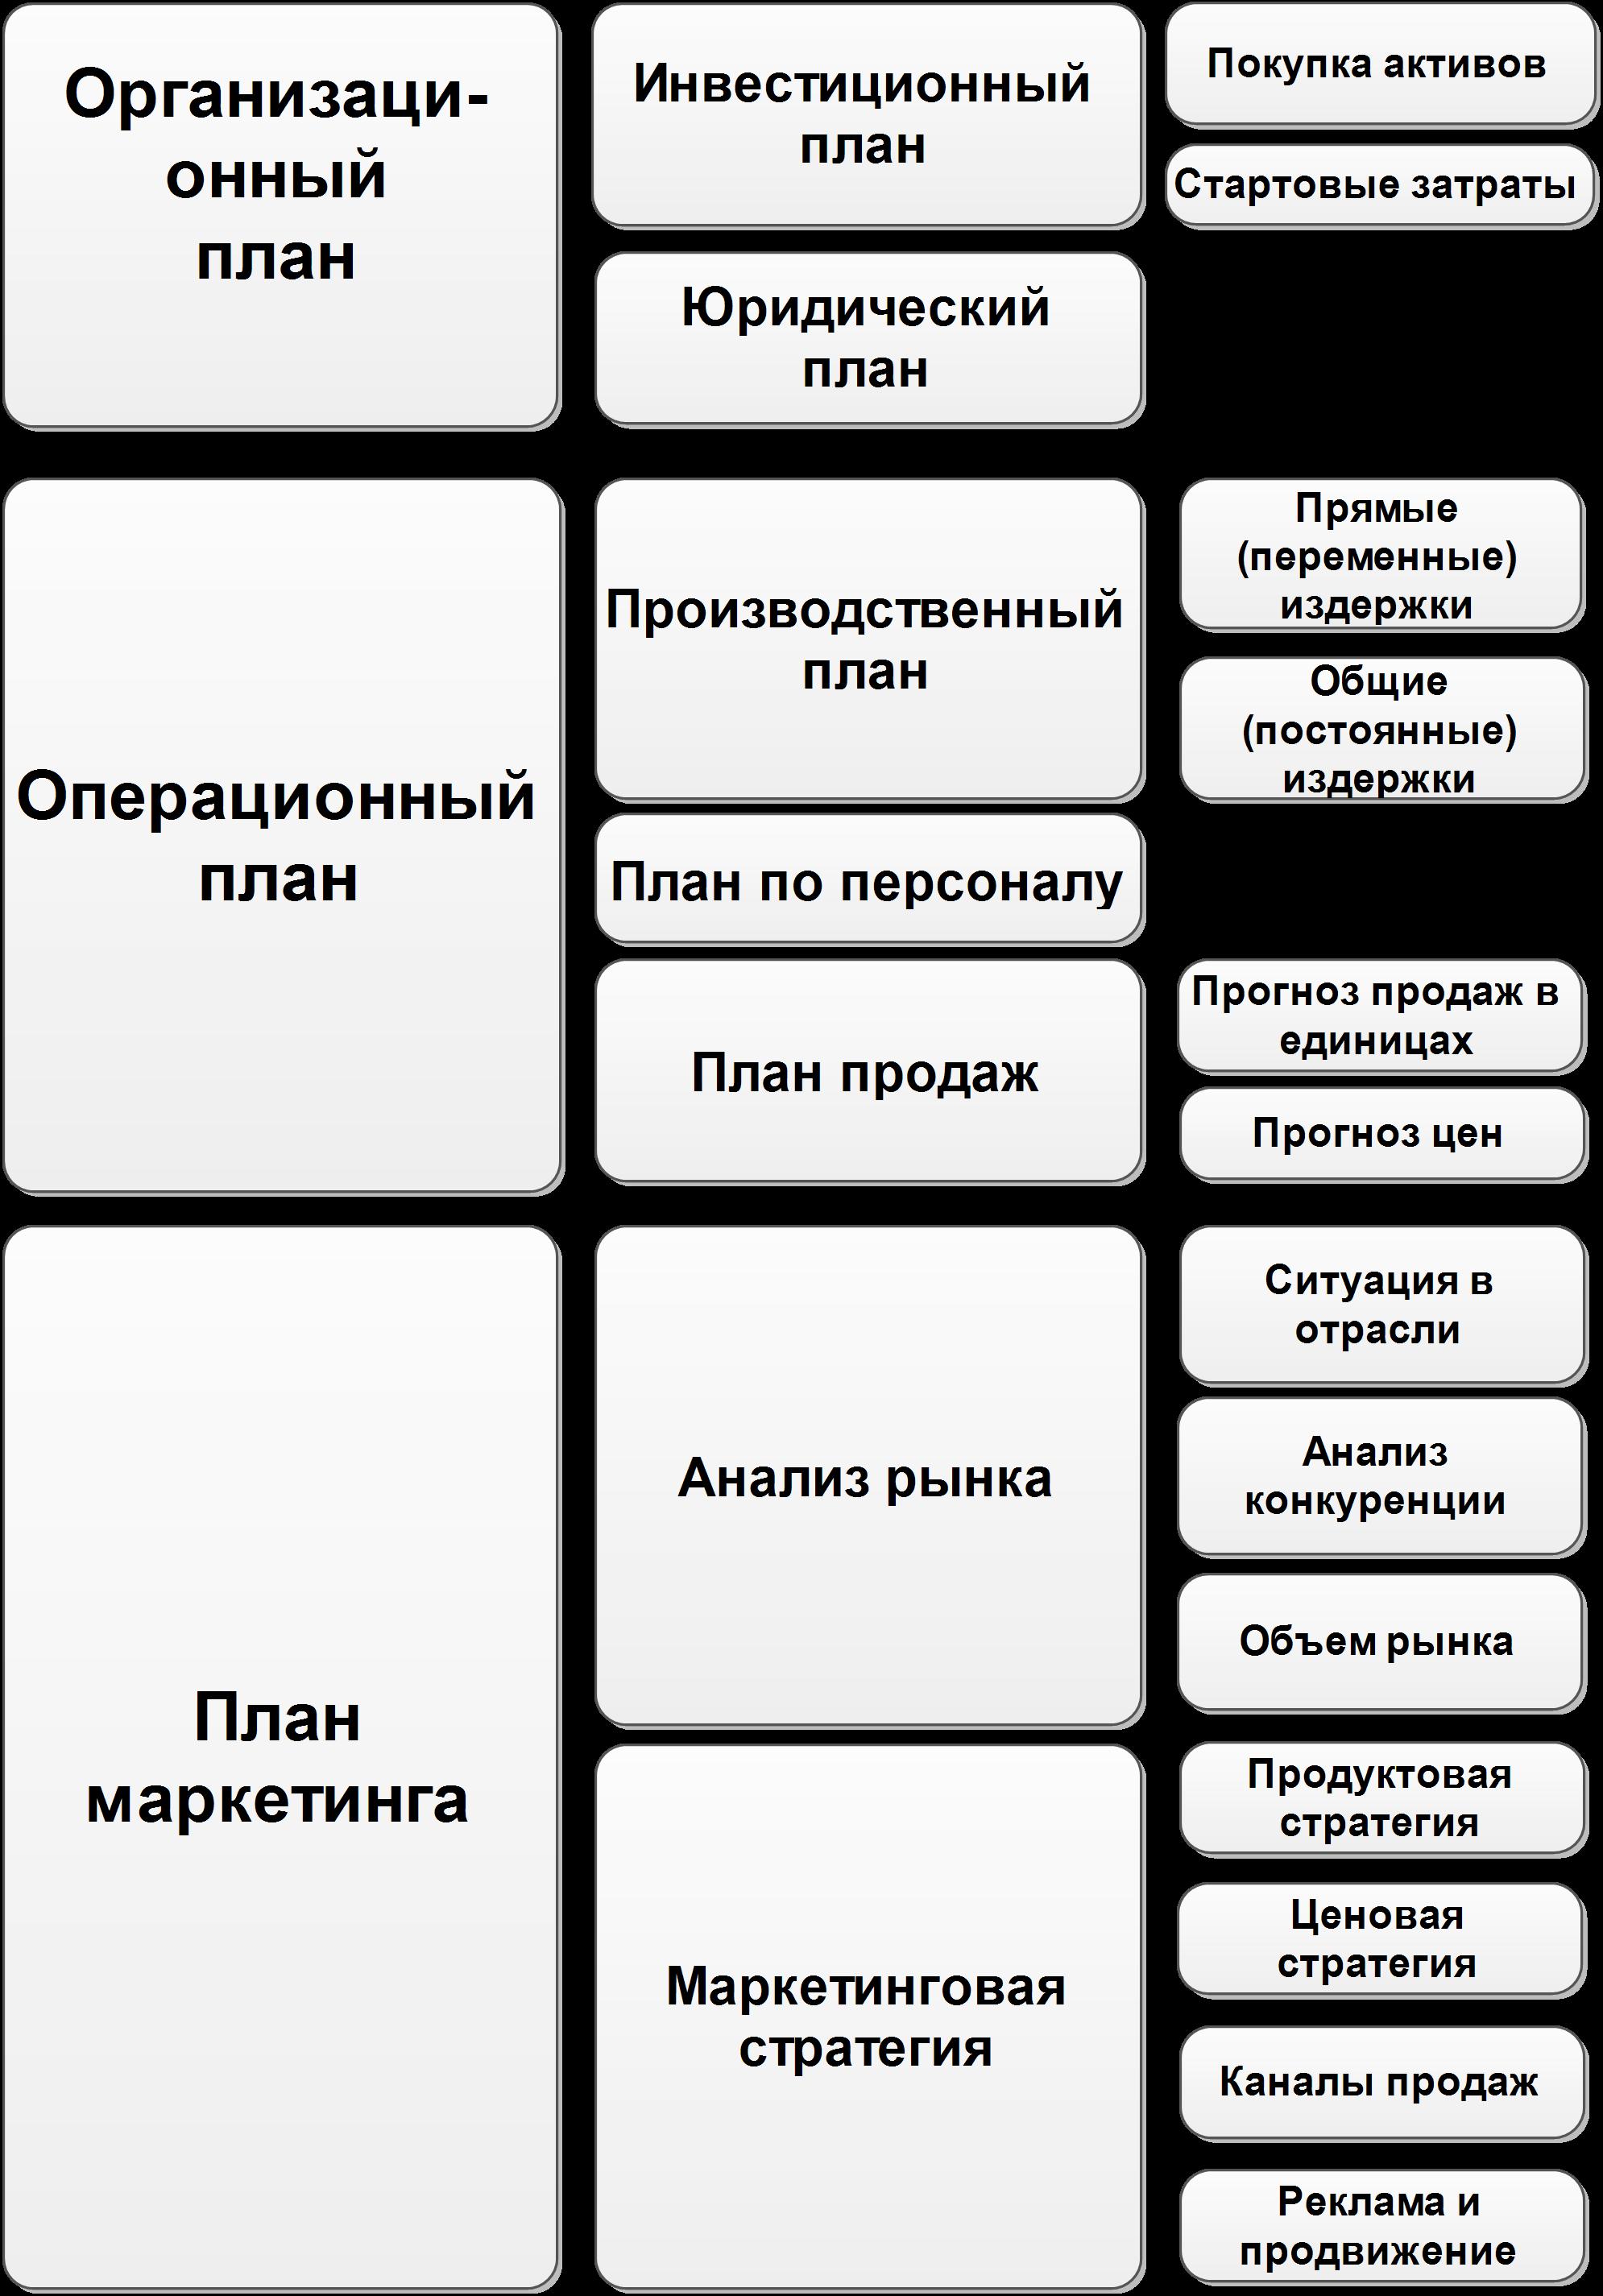 Составляющие стратегического бизнес плана праздники услуги идеи бизнеса